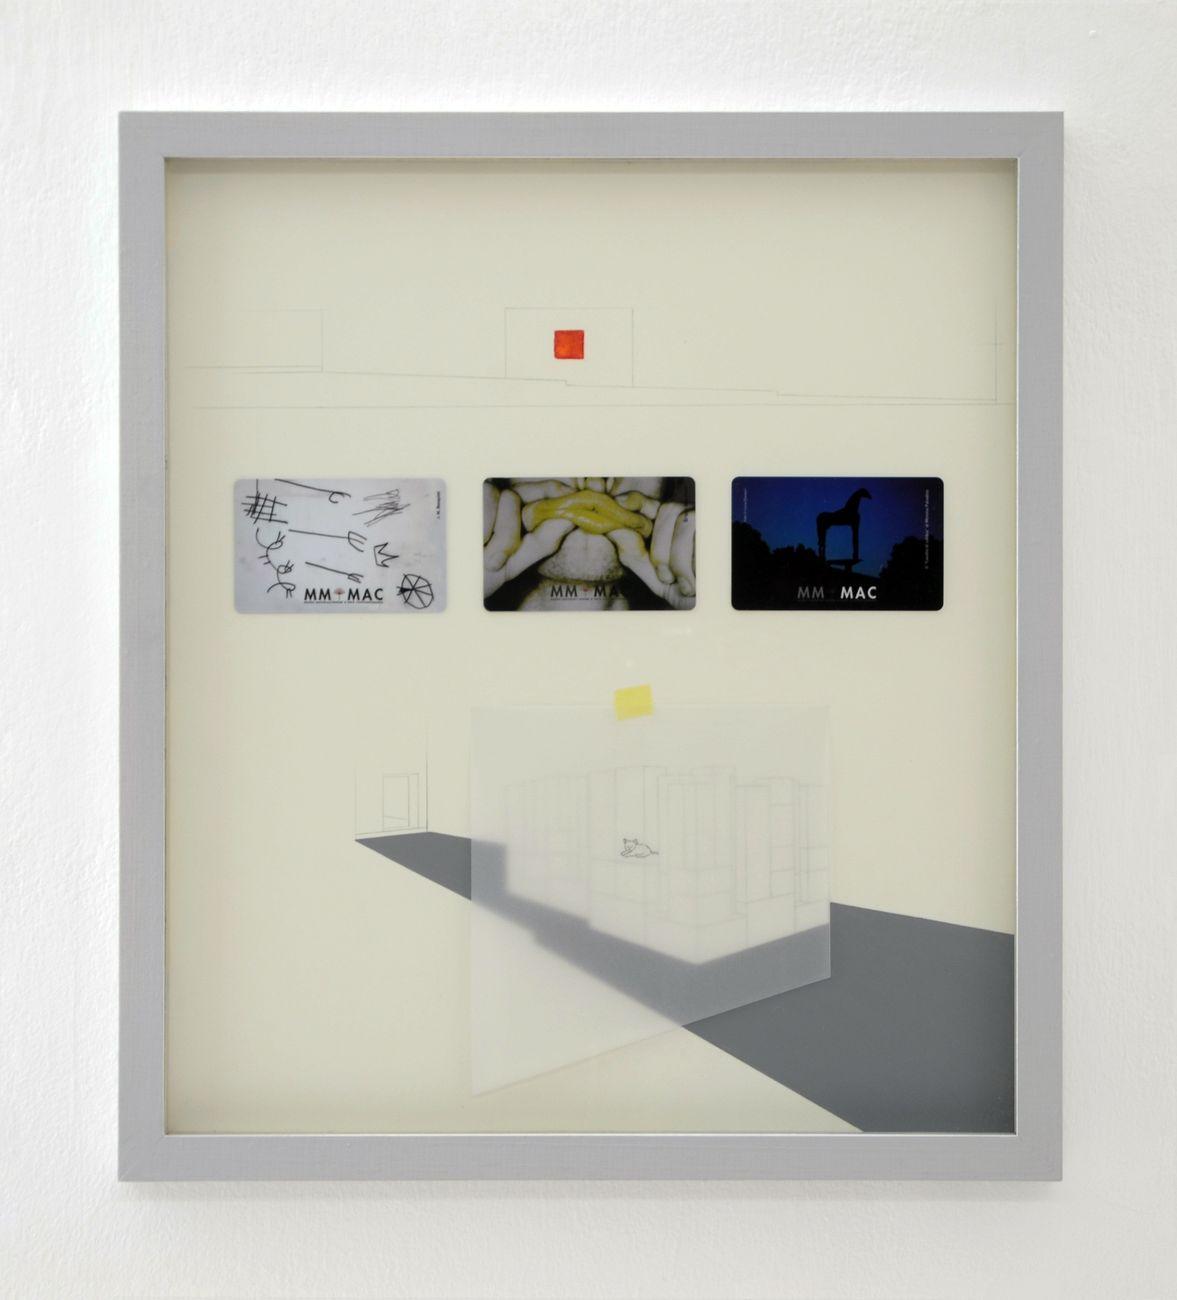 Antonio Della Guardia, Project #3, 2014, grafite, tessere MMMAC, materiale vario su carta, 40 x 35 cm. Courtesy l'artista e Galleria Tiziana Di Caro, Napoli